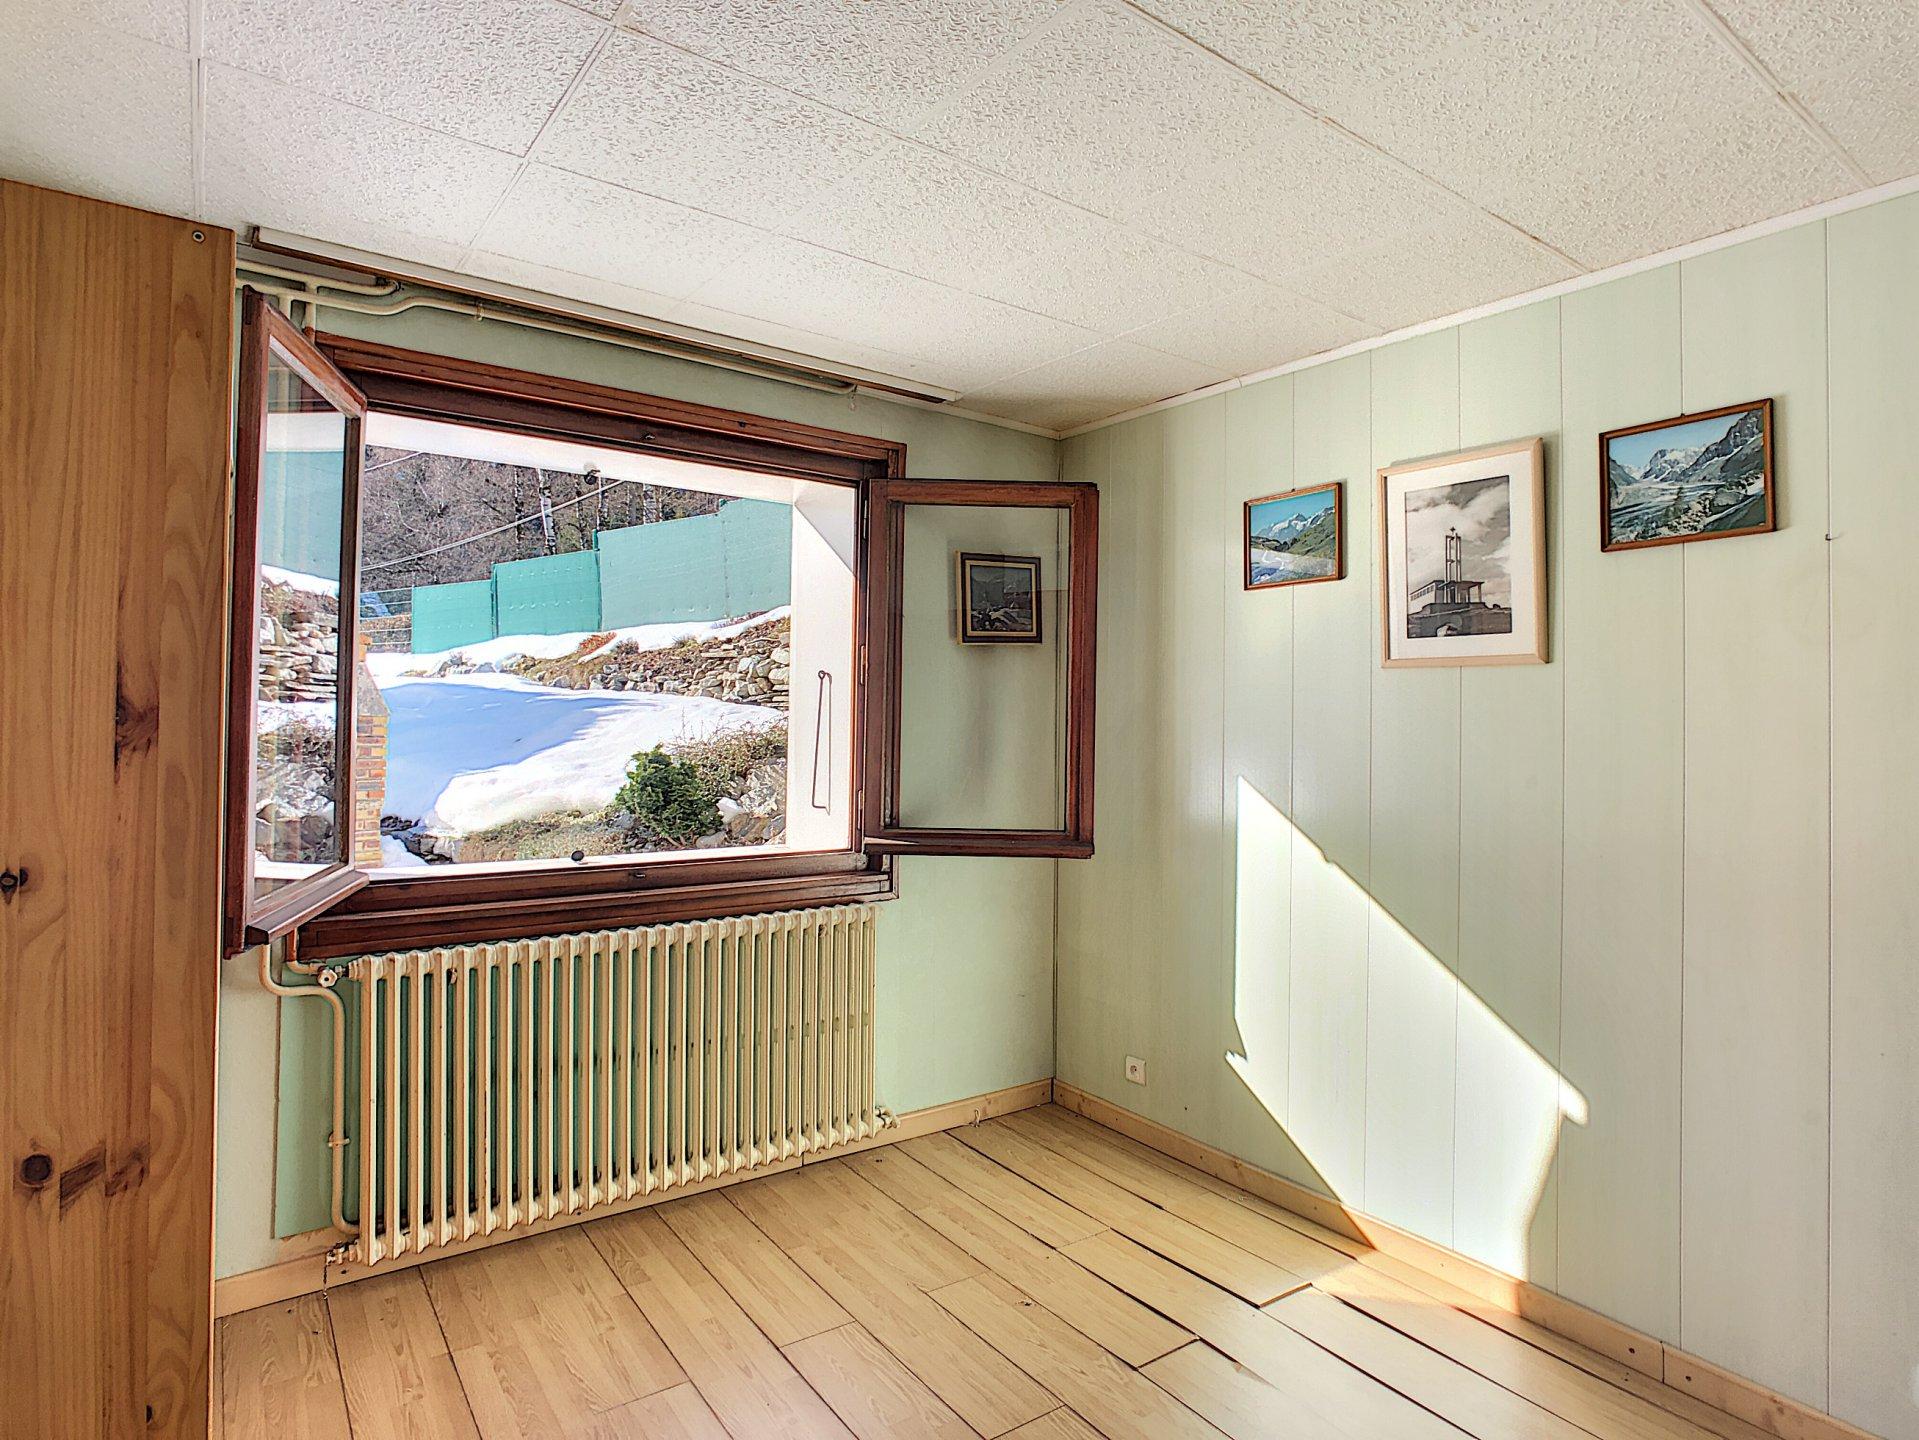 Maison 4/5 chambres – Chamonix Les Gaillands